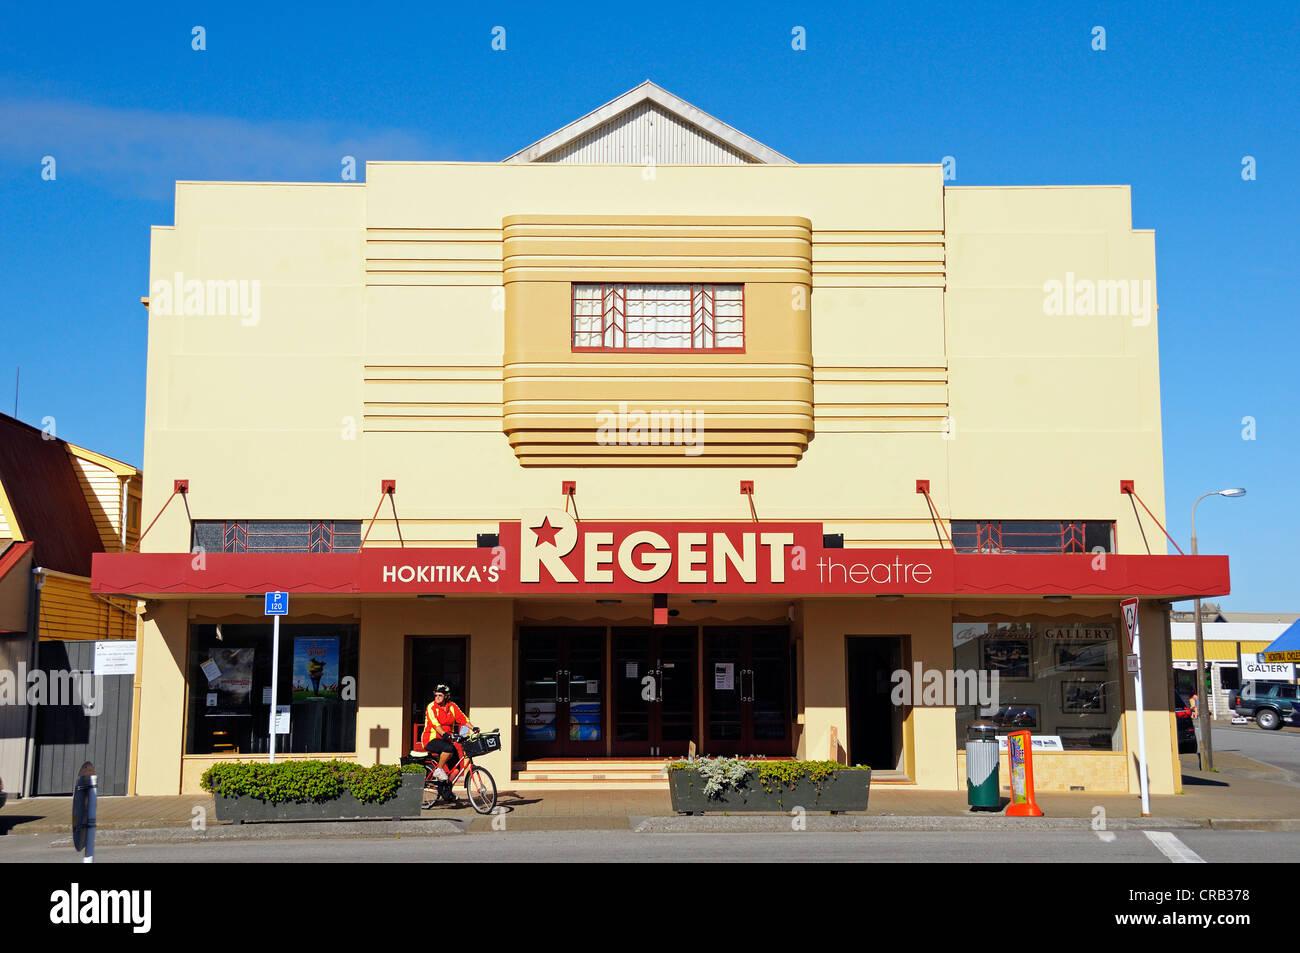 Movie Theater con elementi Art Deco nella città di Hokitika, costa ovest dell'Isola del Sud della Nuova Immagini Stock